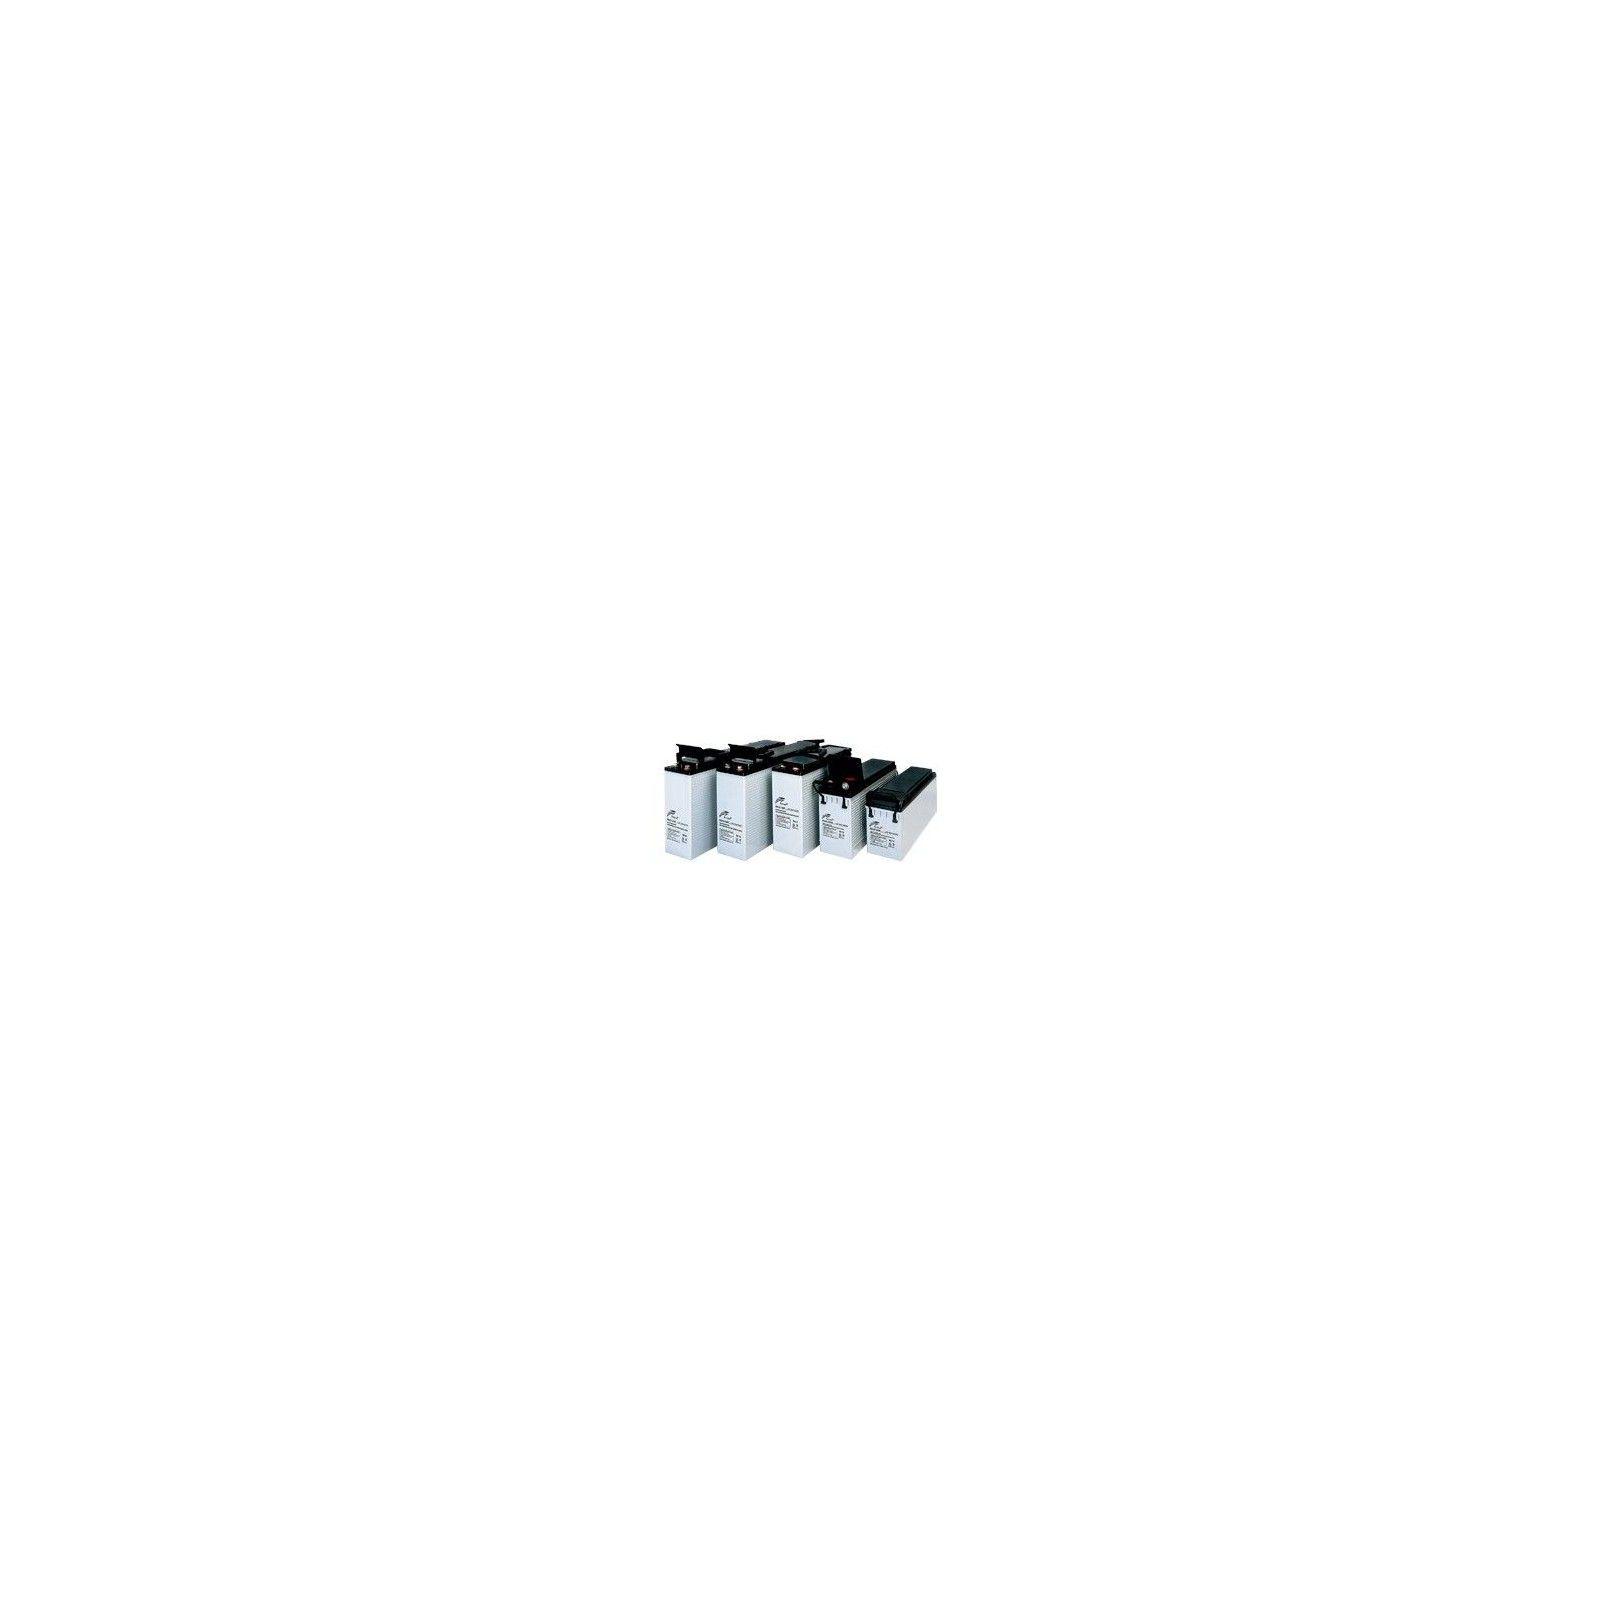 Batería Ritar FT12-105 105Ah 12V Ft RITAR - 1